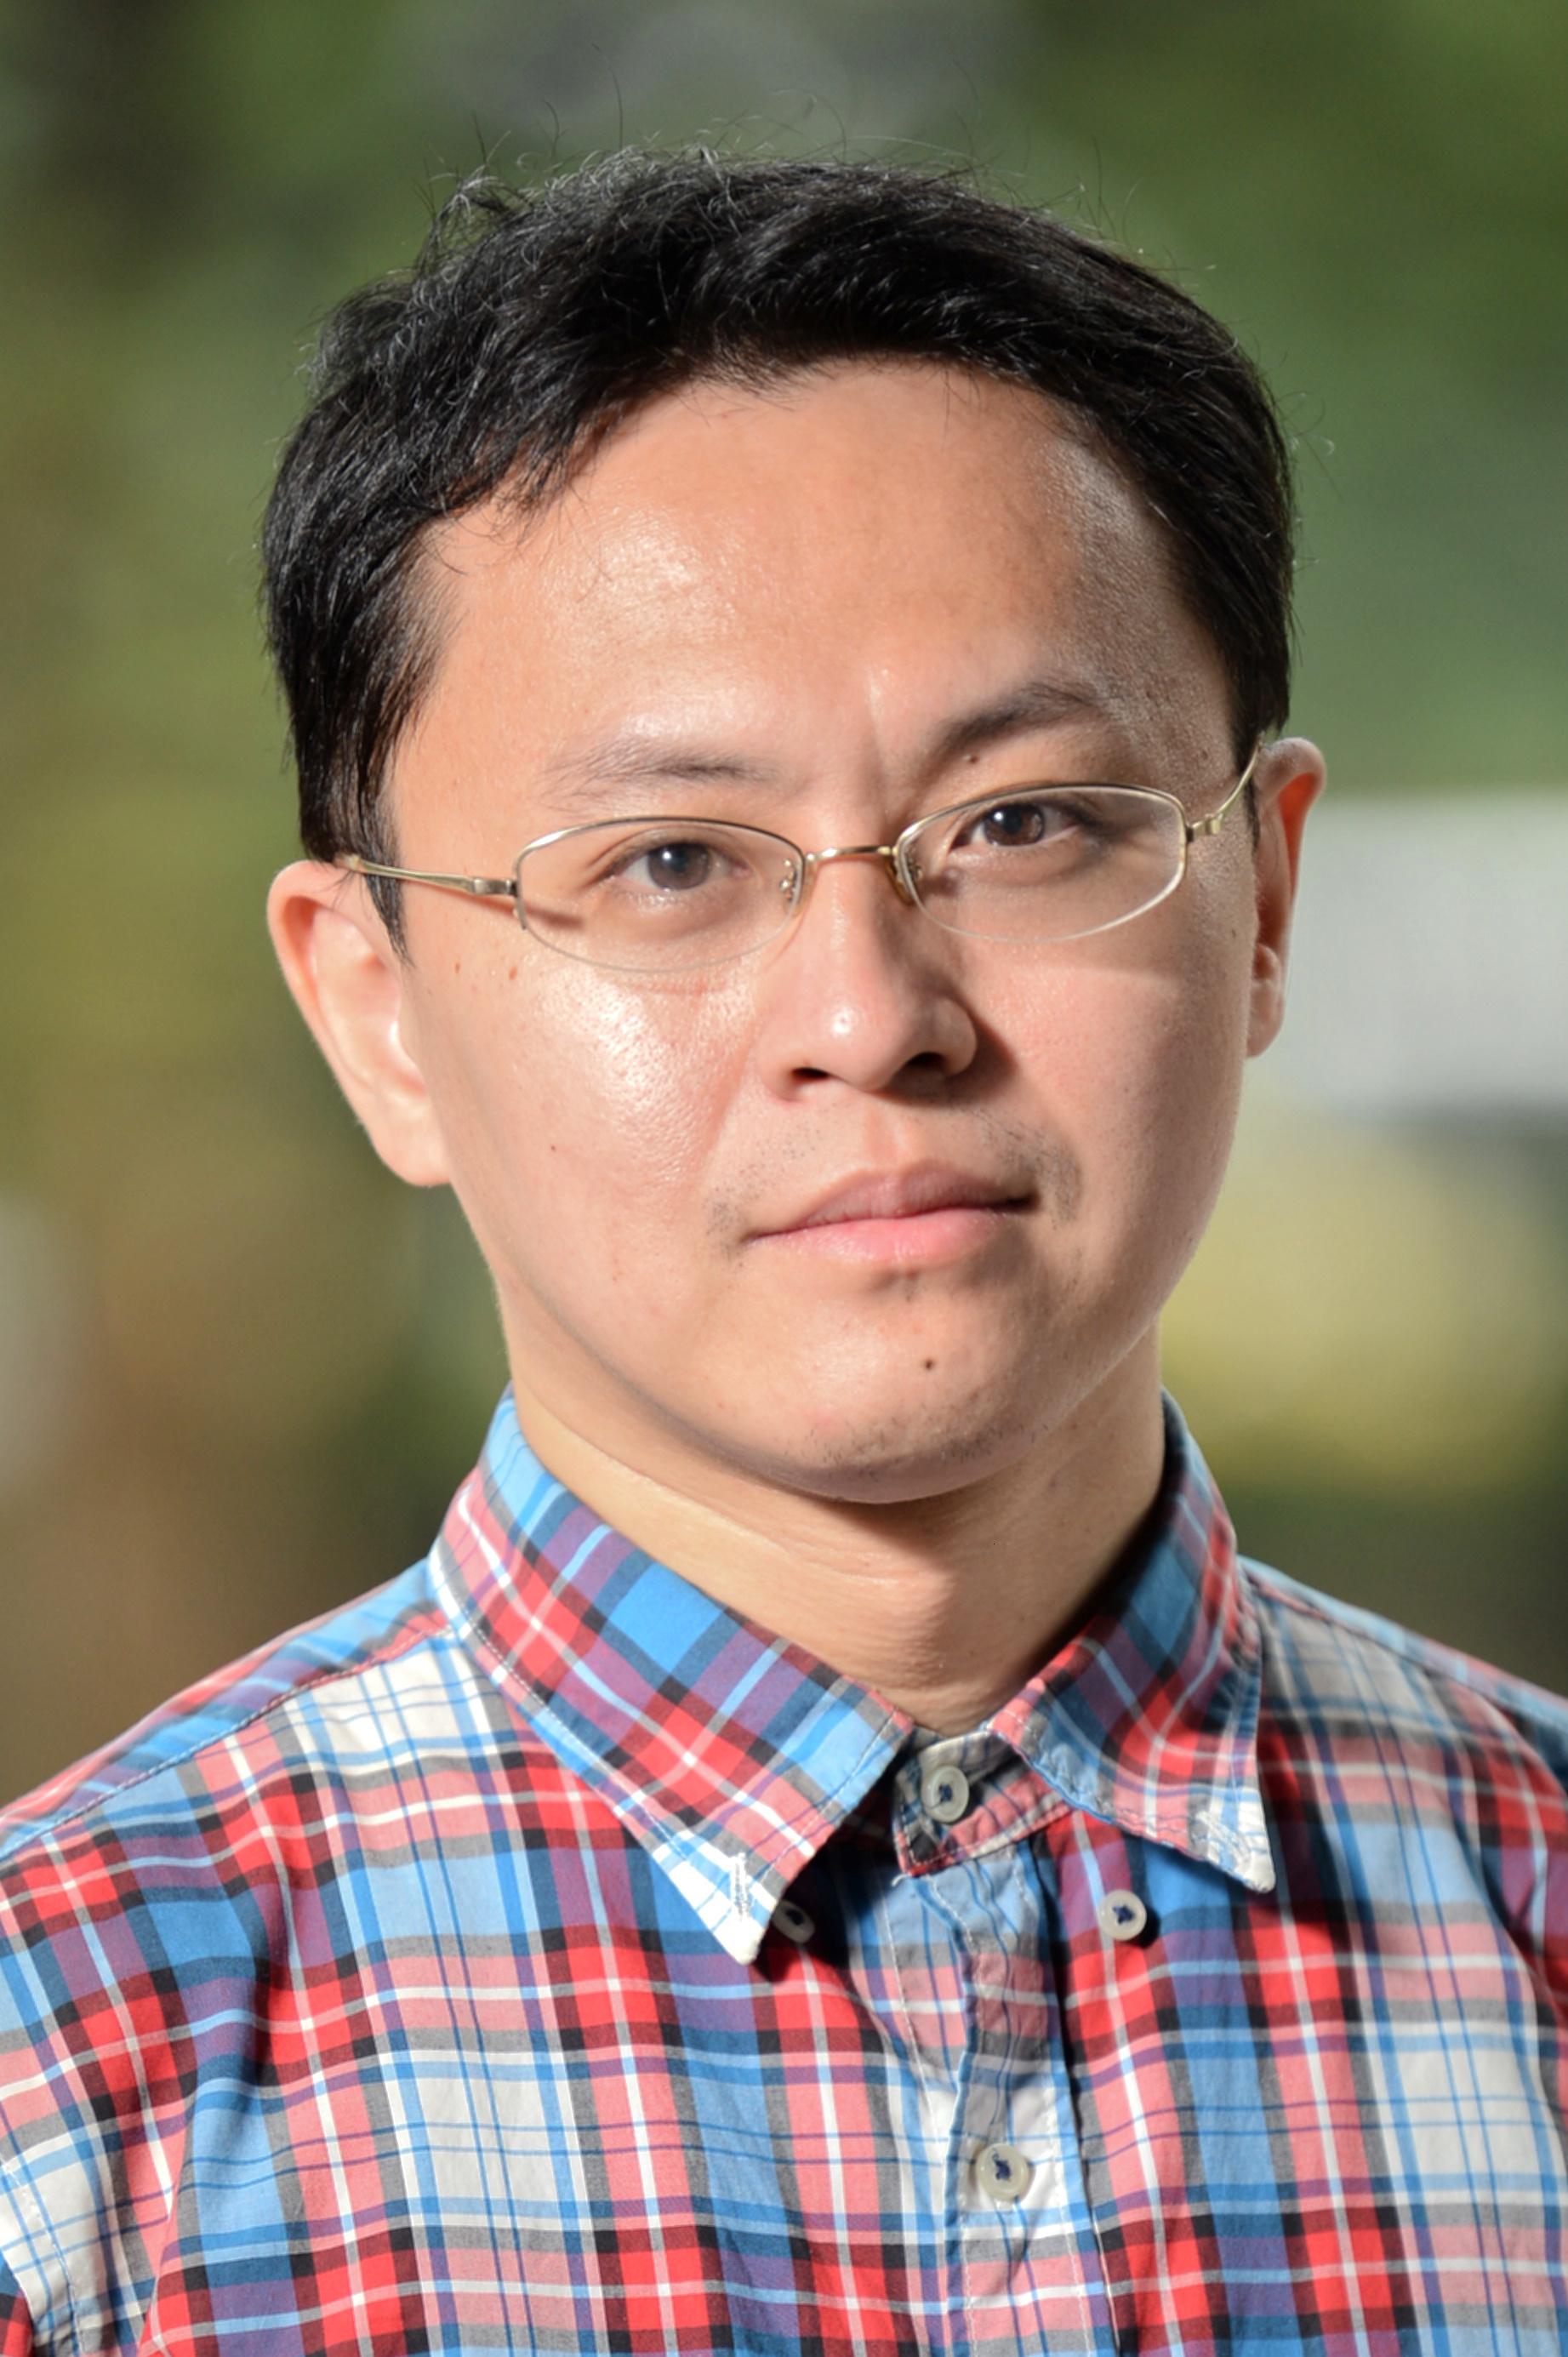 Hanghui Chen